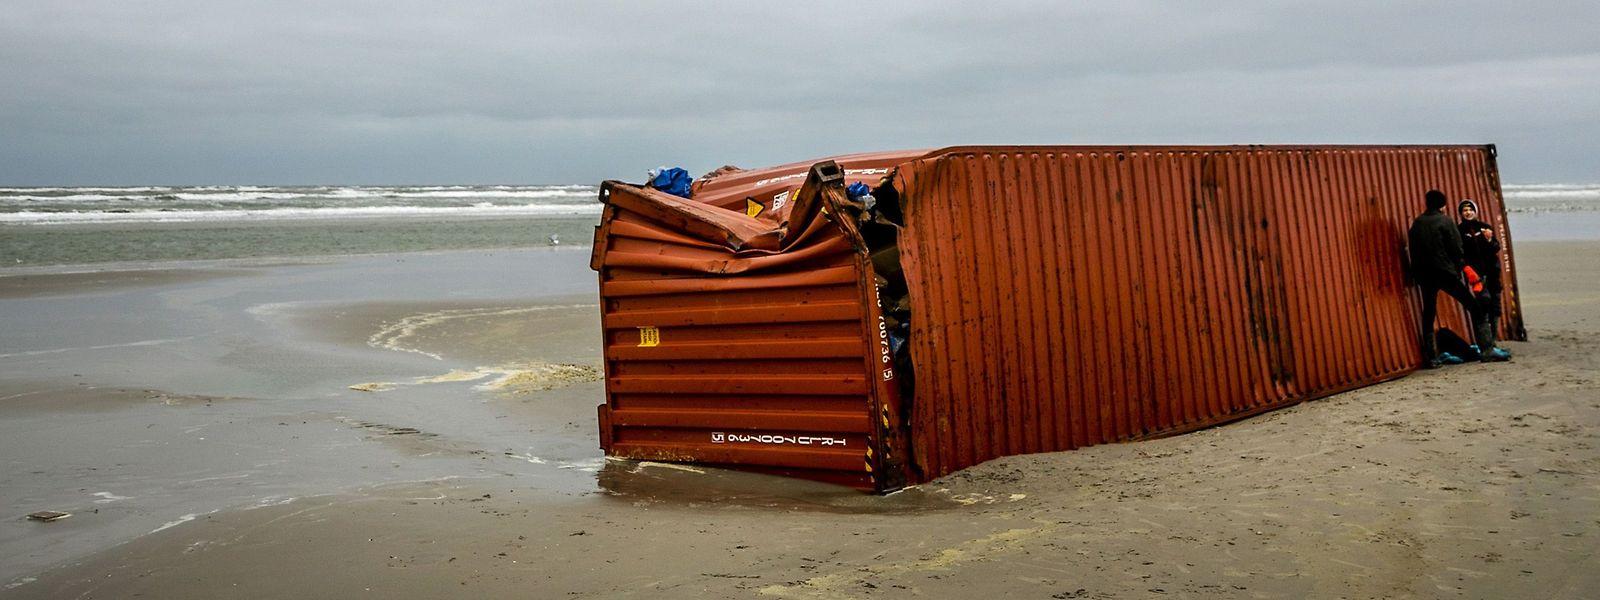 Die Schweizer Reederei MSC hatte zugesagt, alle Kosten für Säuberung und Bergung zu übernehmen.